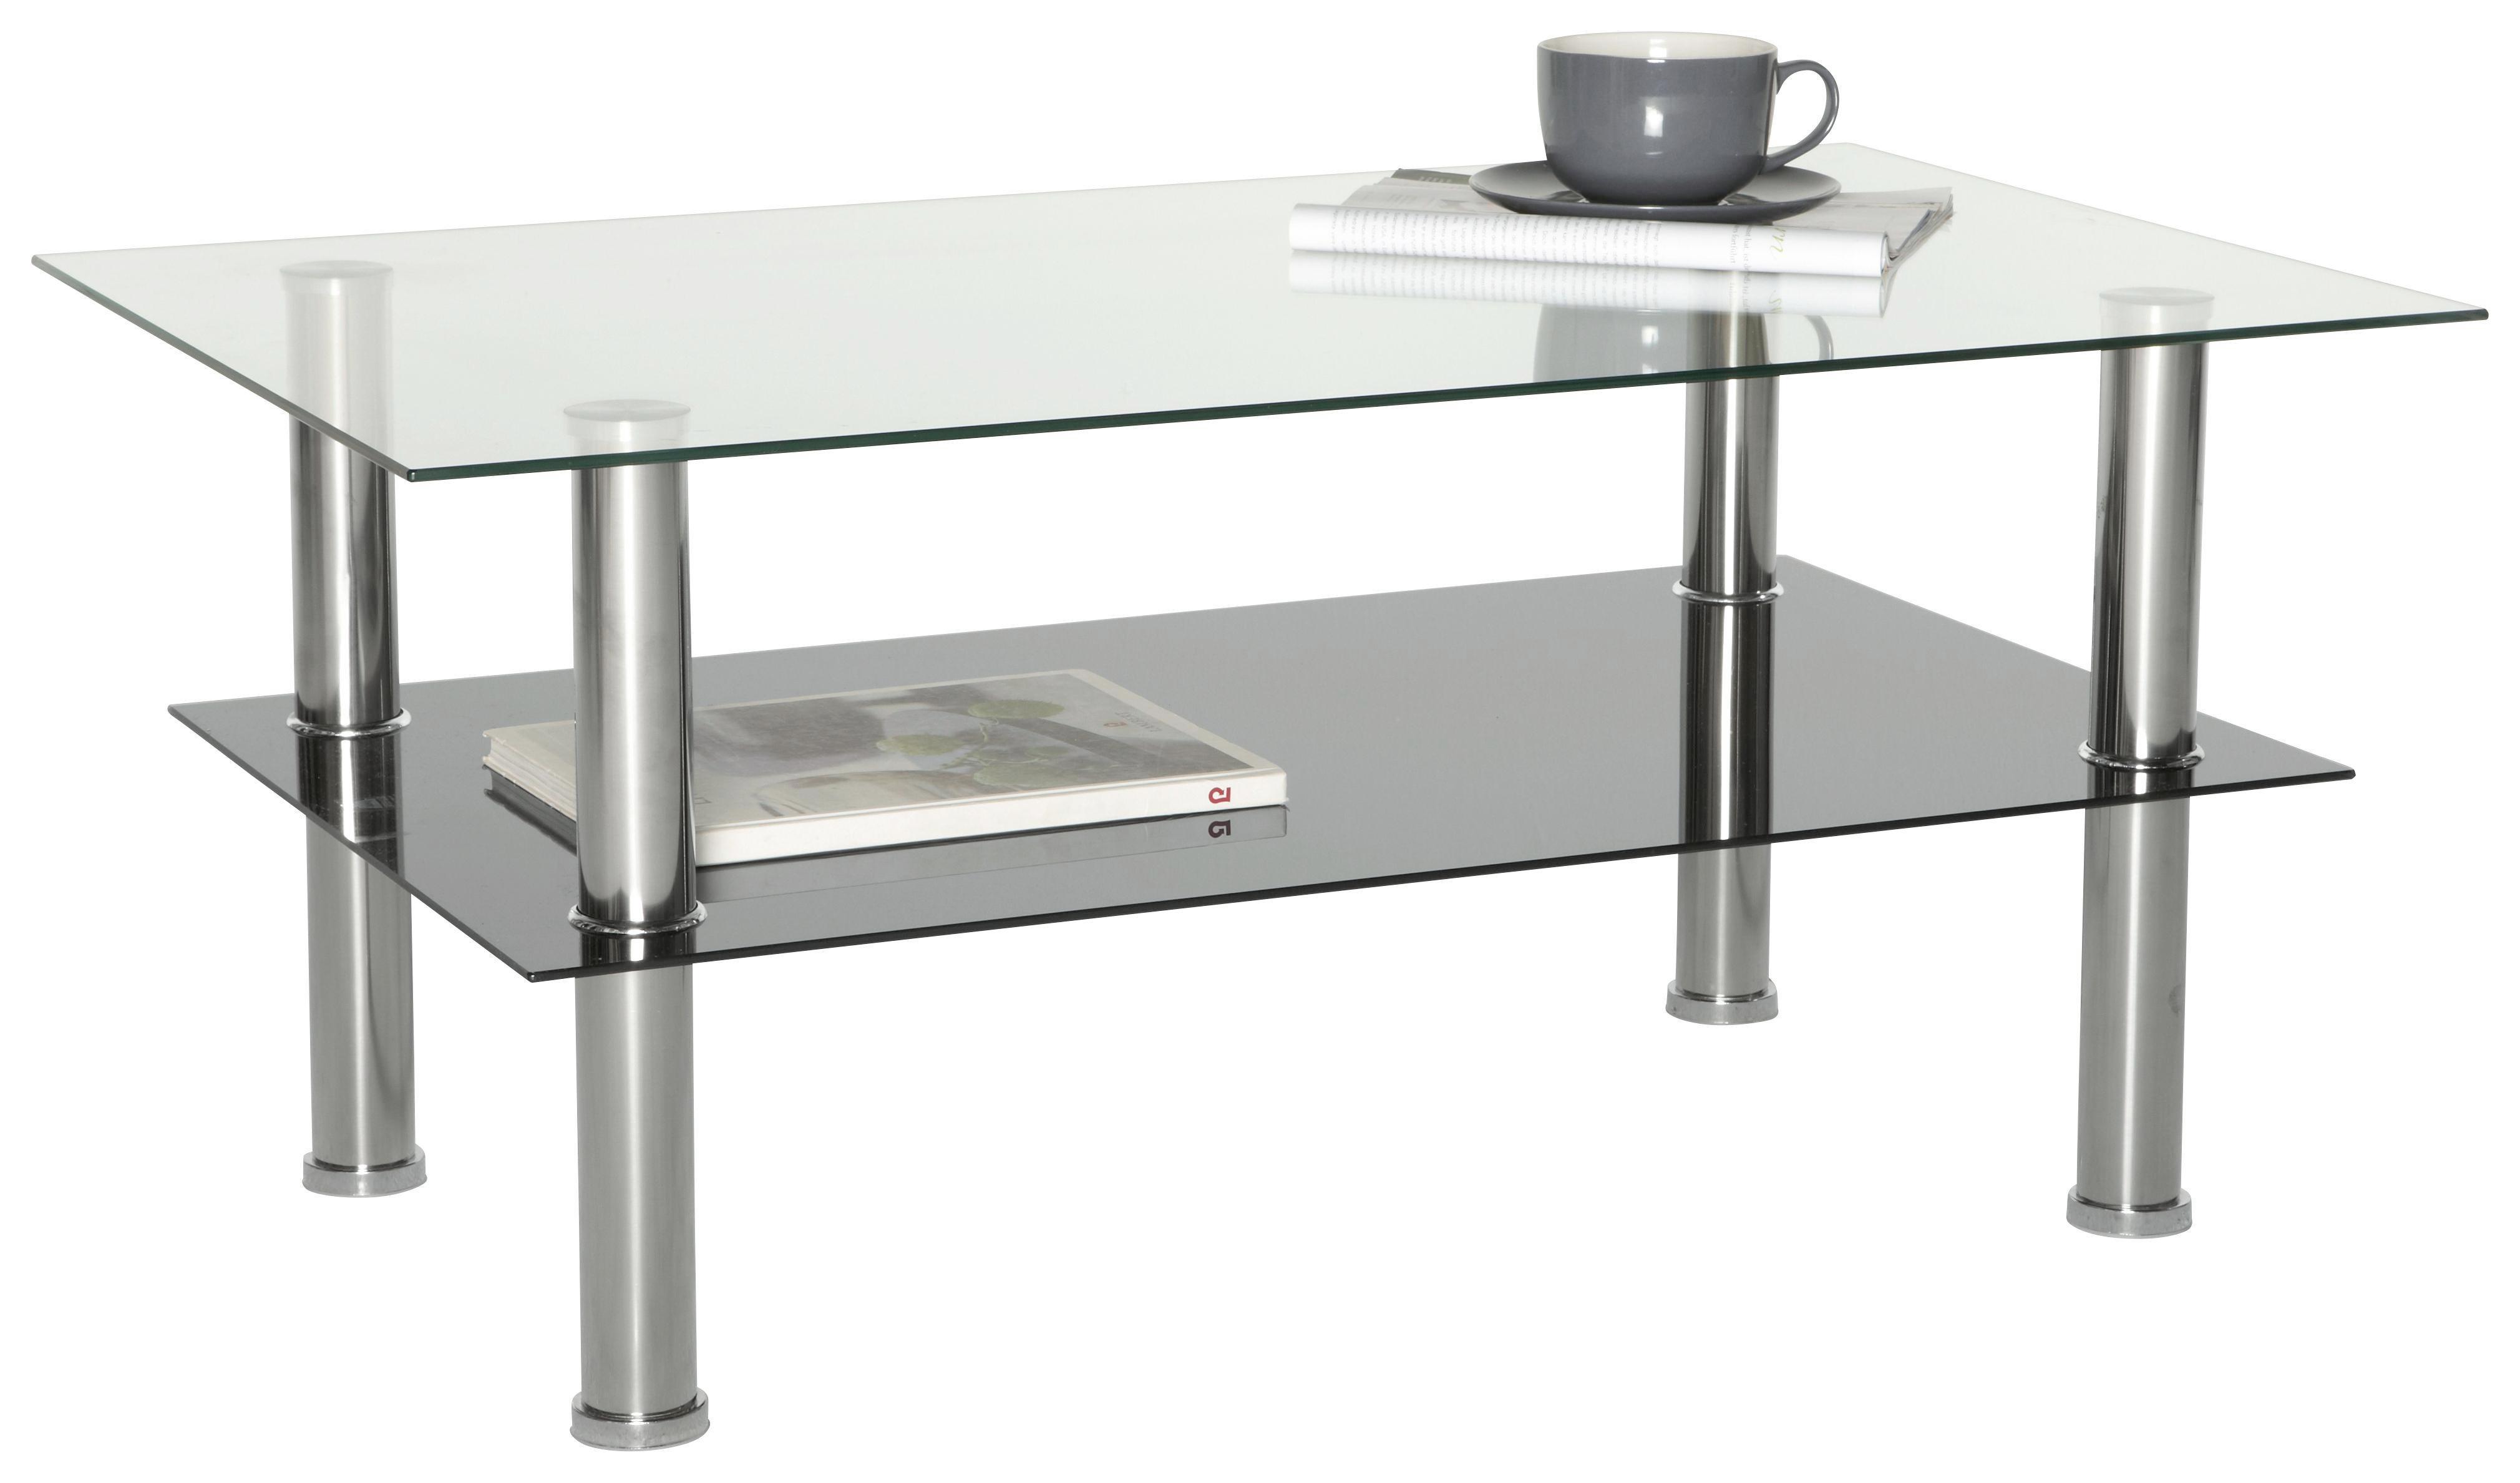 Couchtisch aus Glas - Klar/Edelstahlfarben, MODERN, Glas/Metall (100/45/60cm) - BASED